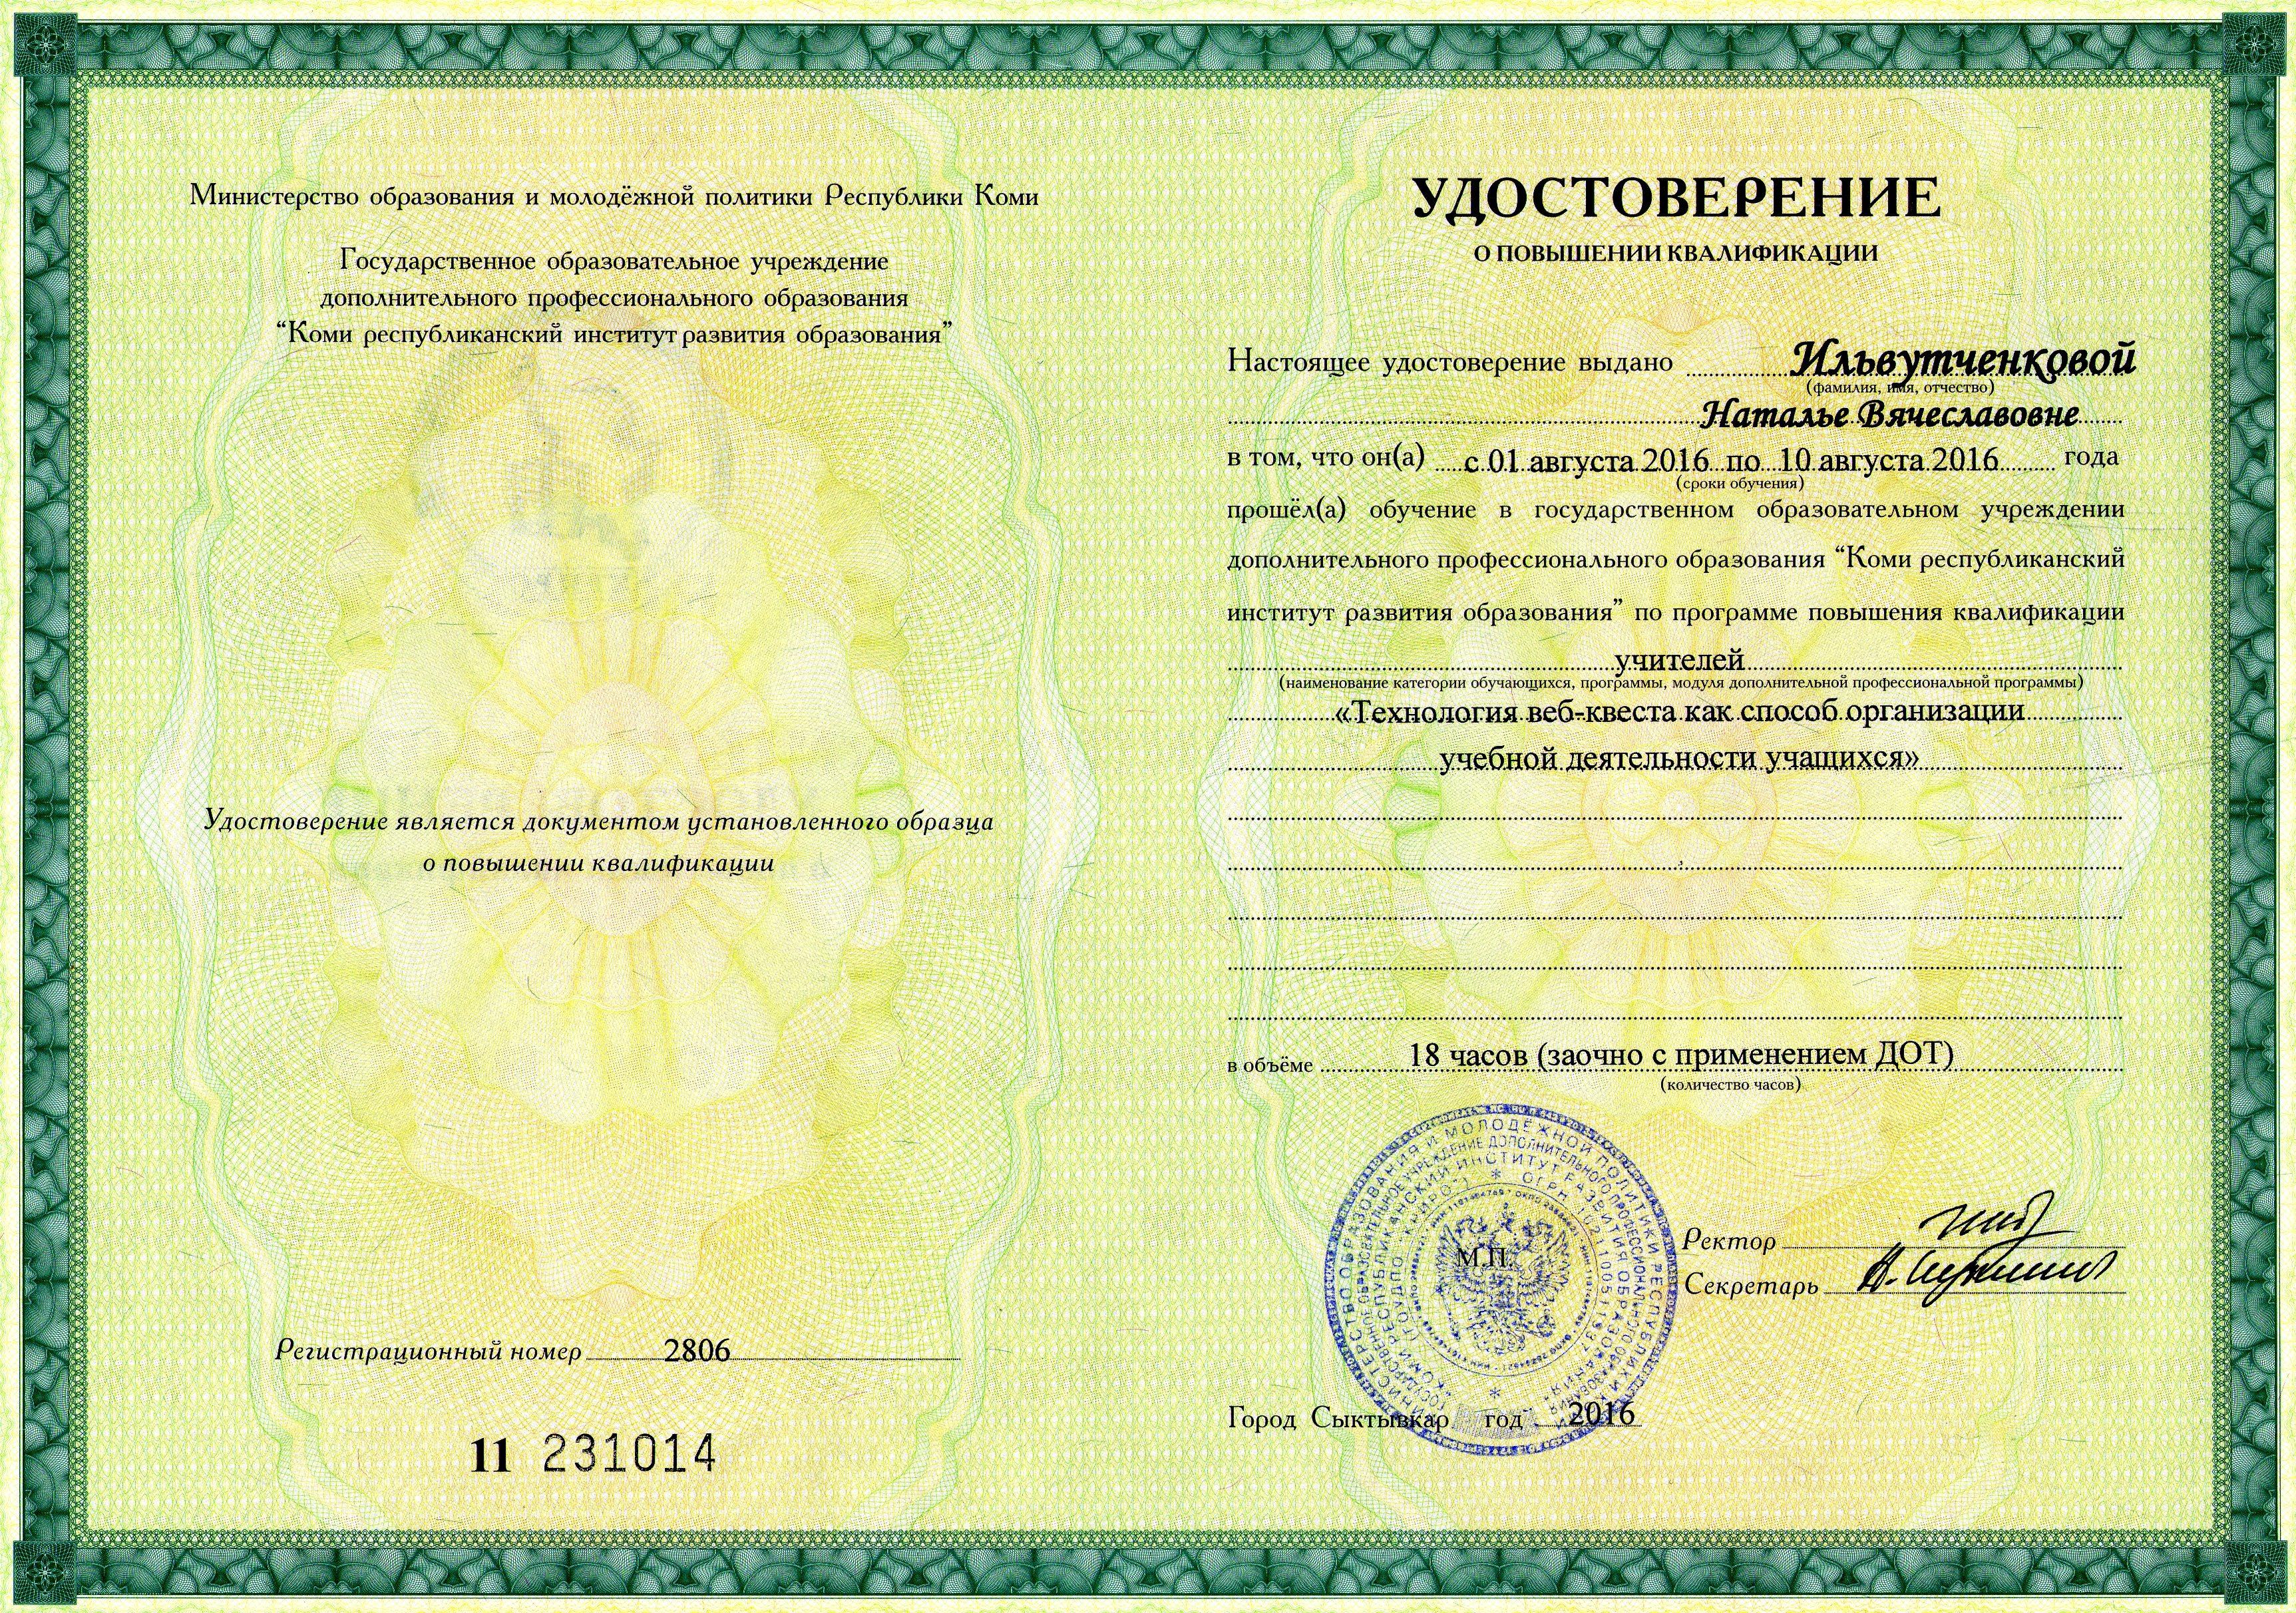 удостоверение 4